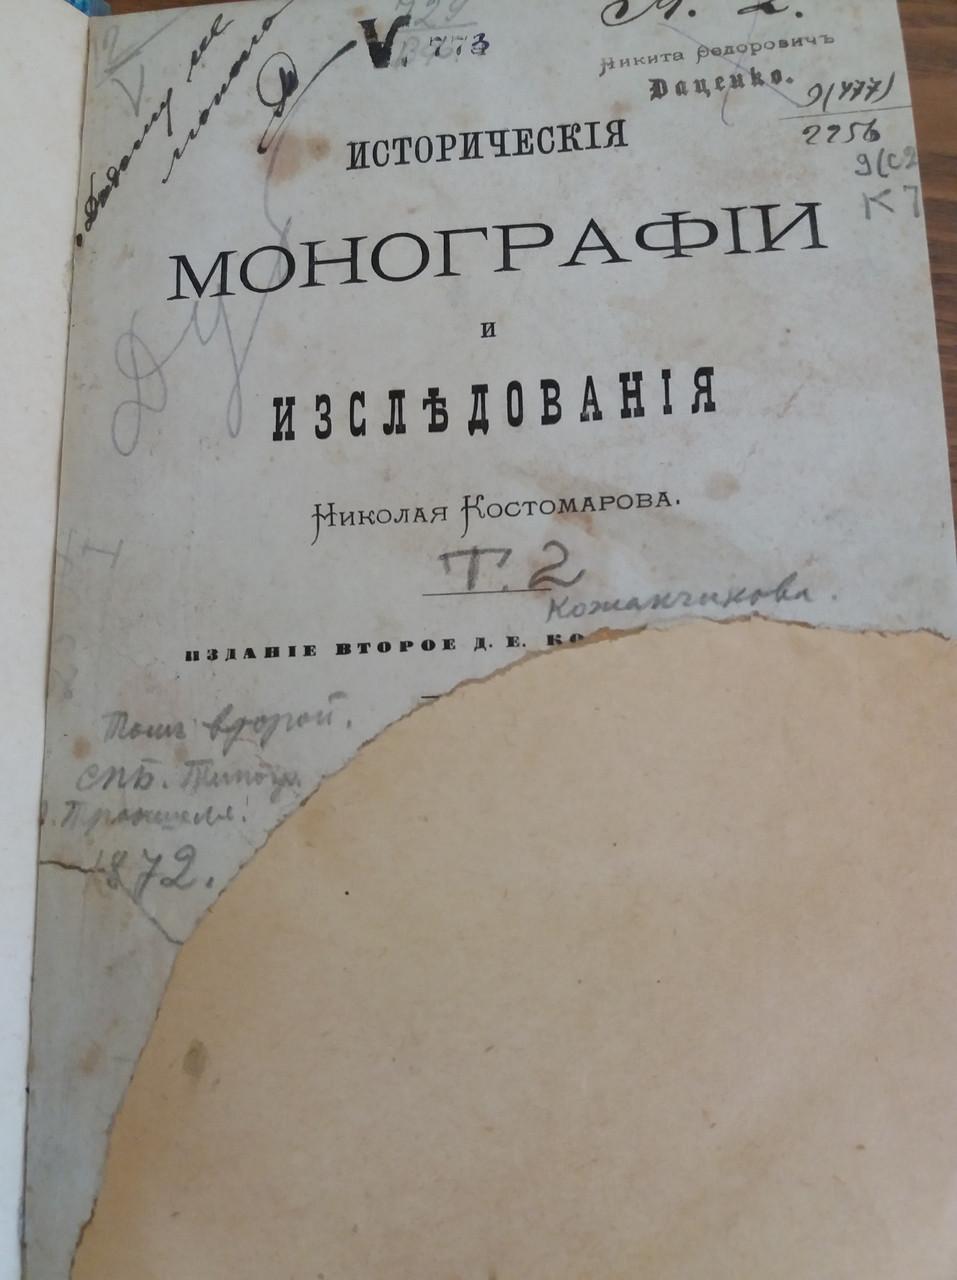 Н.Костомаров II том, Гетманство Выговского; Бунт Стеньки Разина 1872 год прижиз. издан